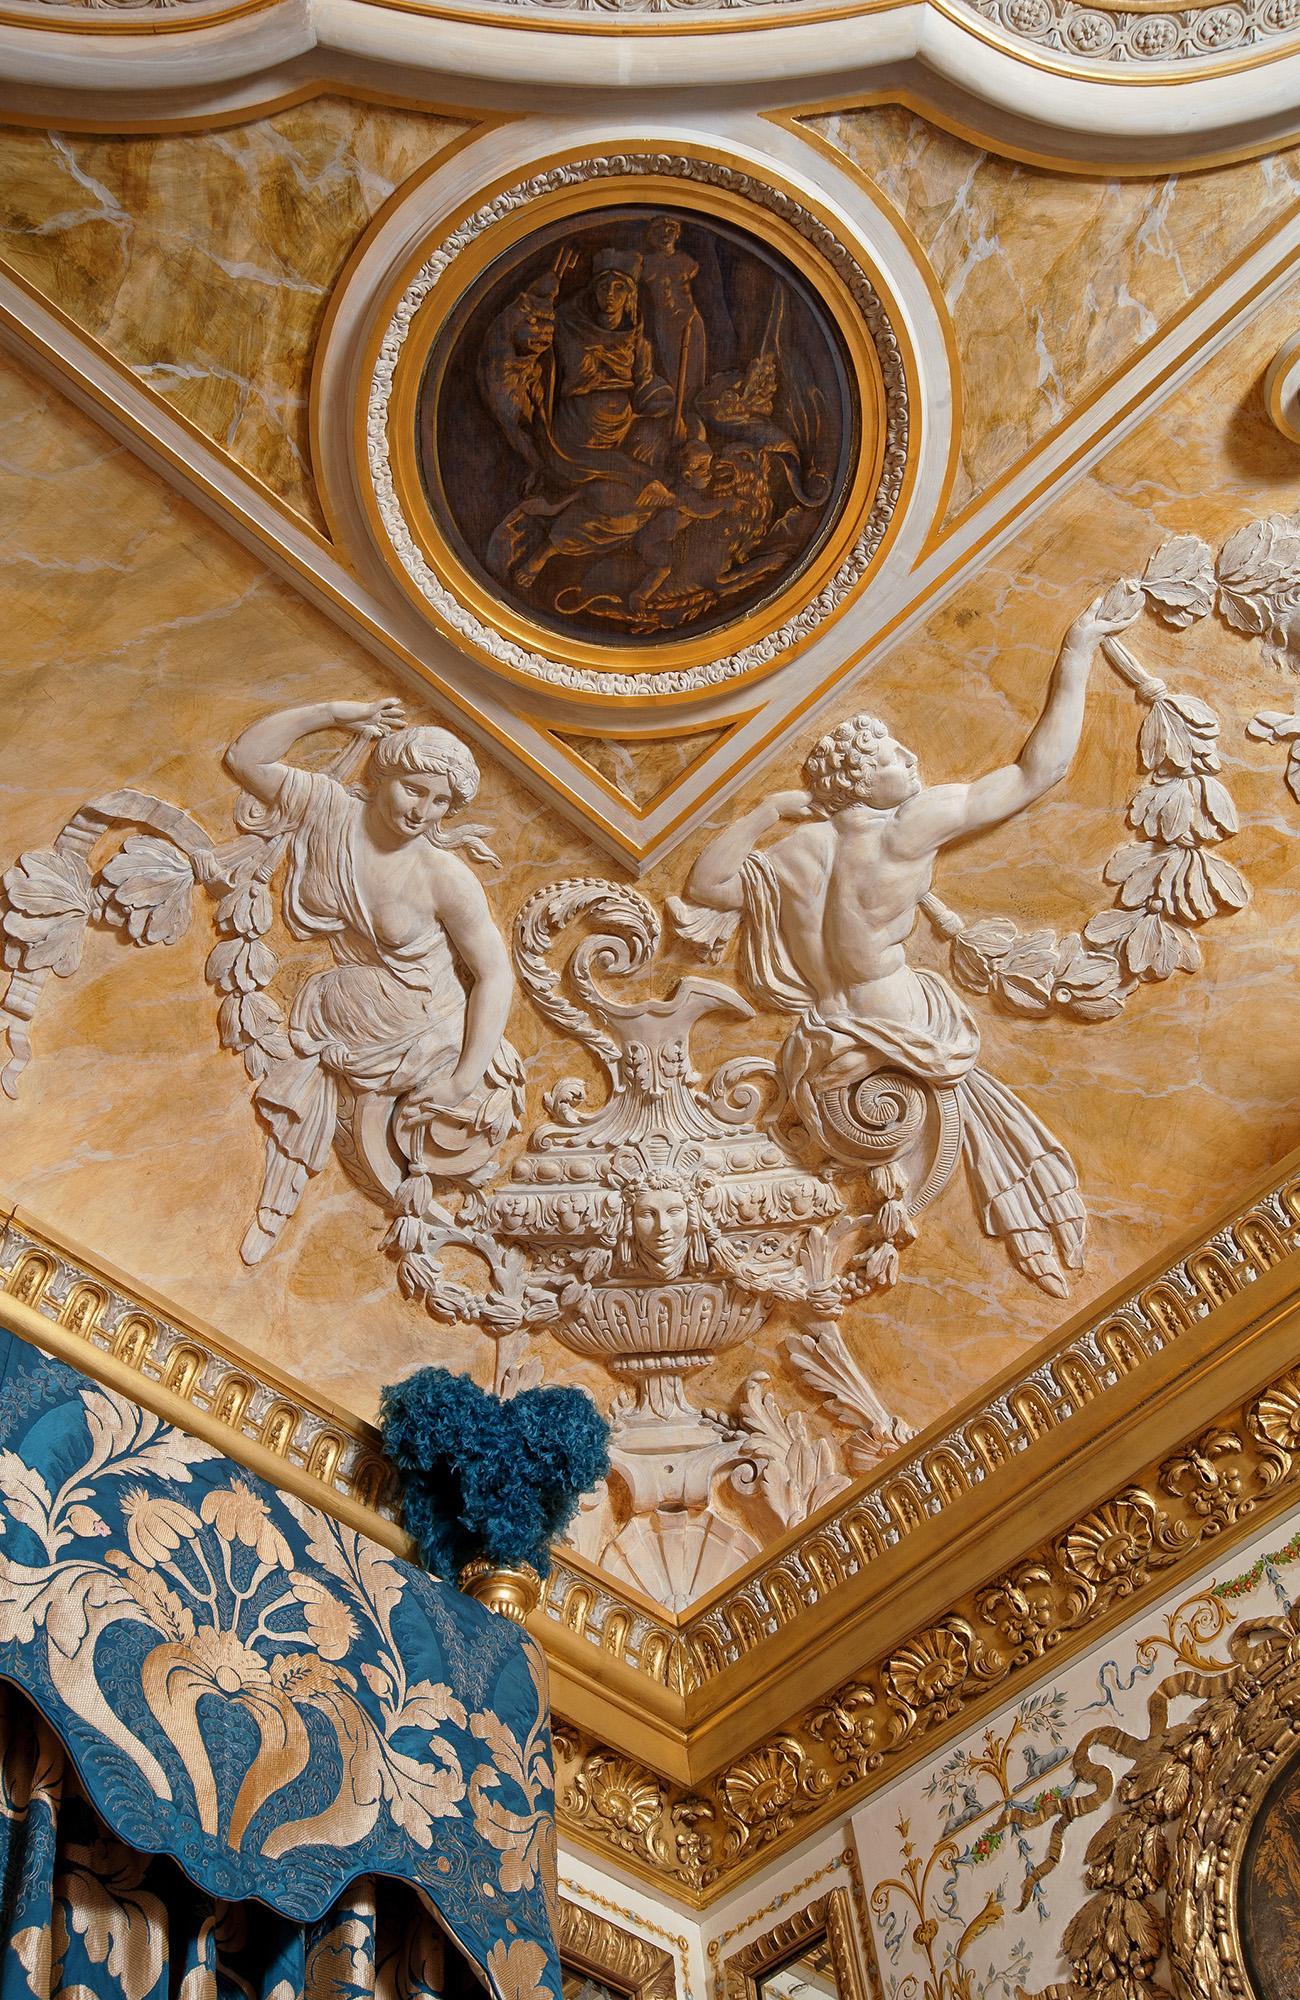 Corniche et plafond avec scènes sculptées réplique de l'hôtel de Vigny, Paris. Médaillon peint à la main